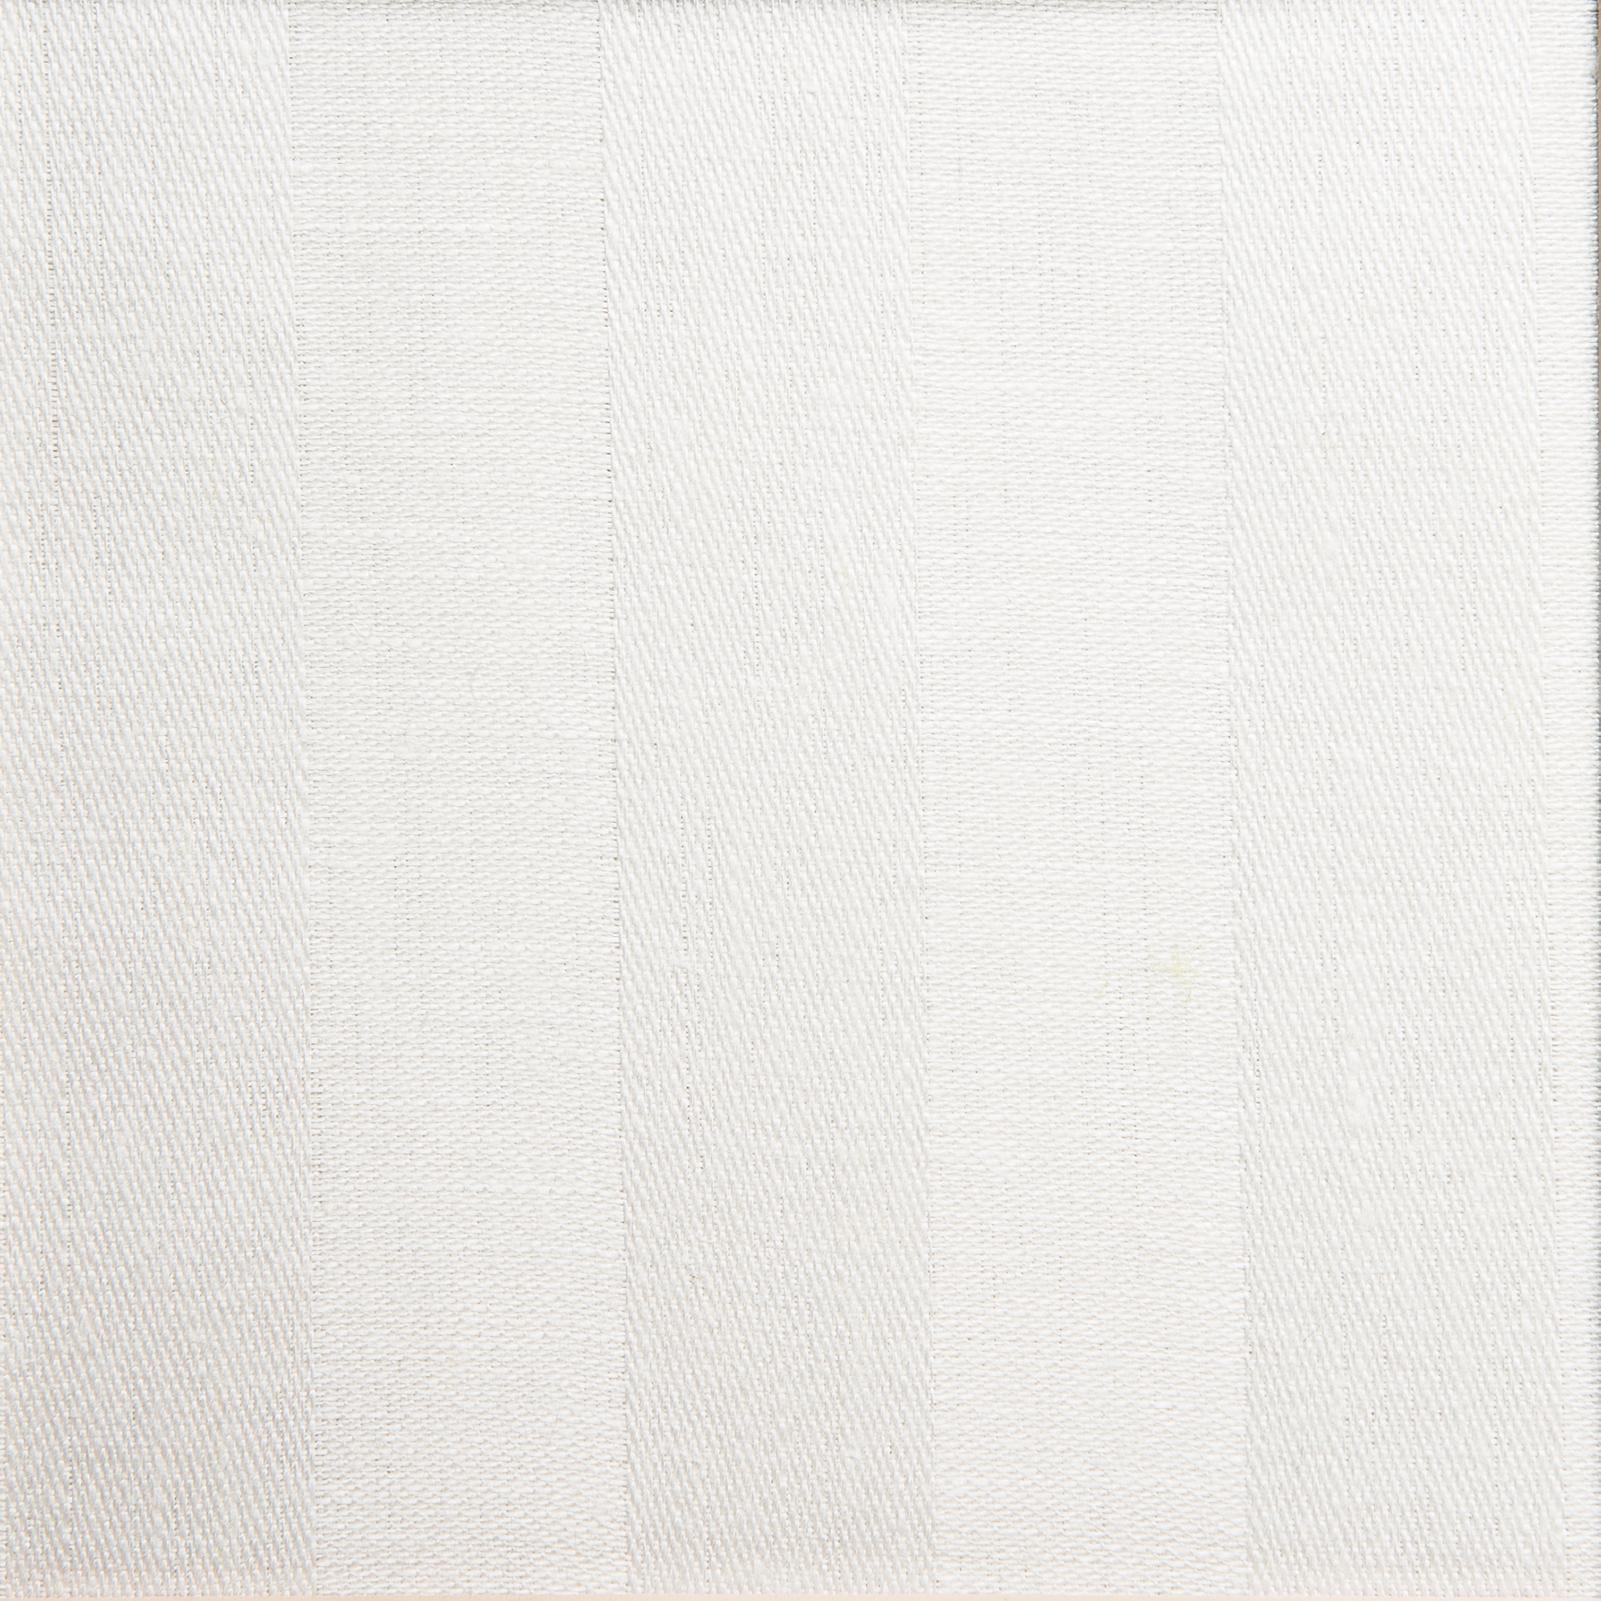 Randig linne handduk Klässbols studio linneväveri vit